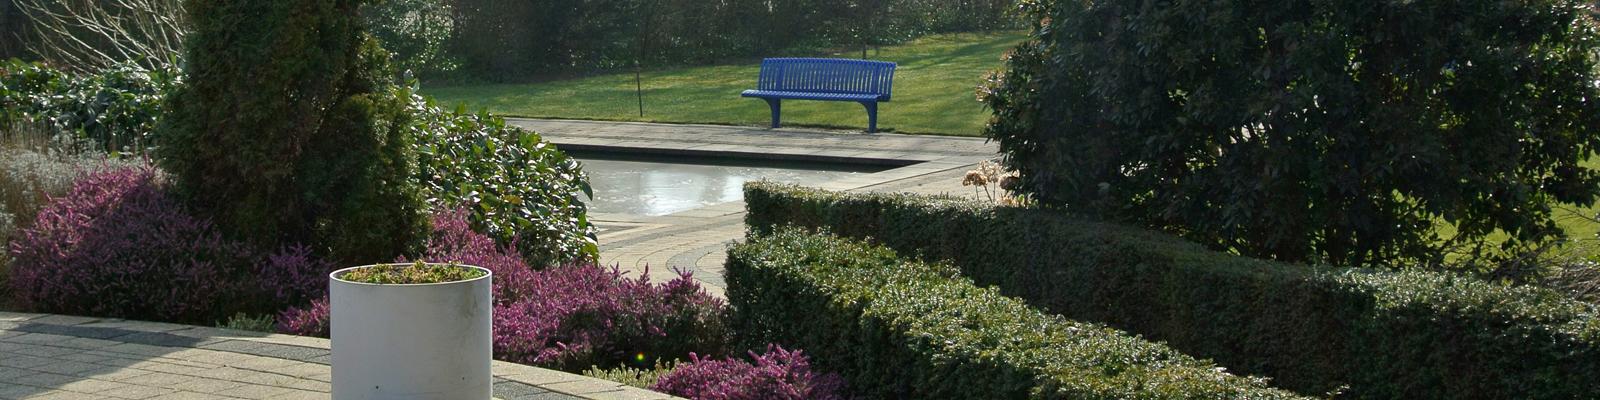 Een doorkijkje naar een blauw bankje bij de vijver.